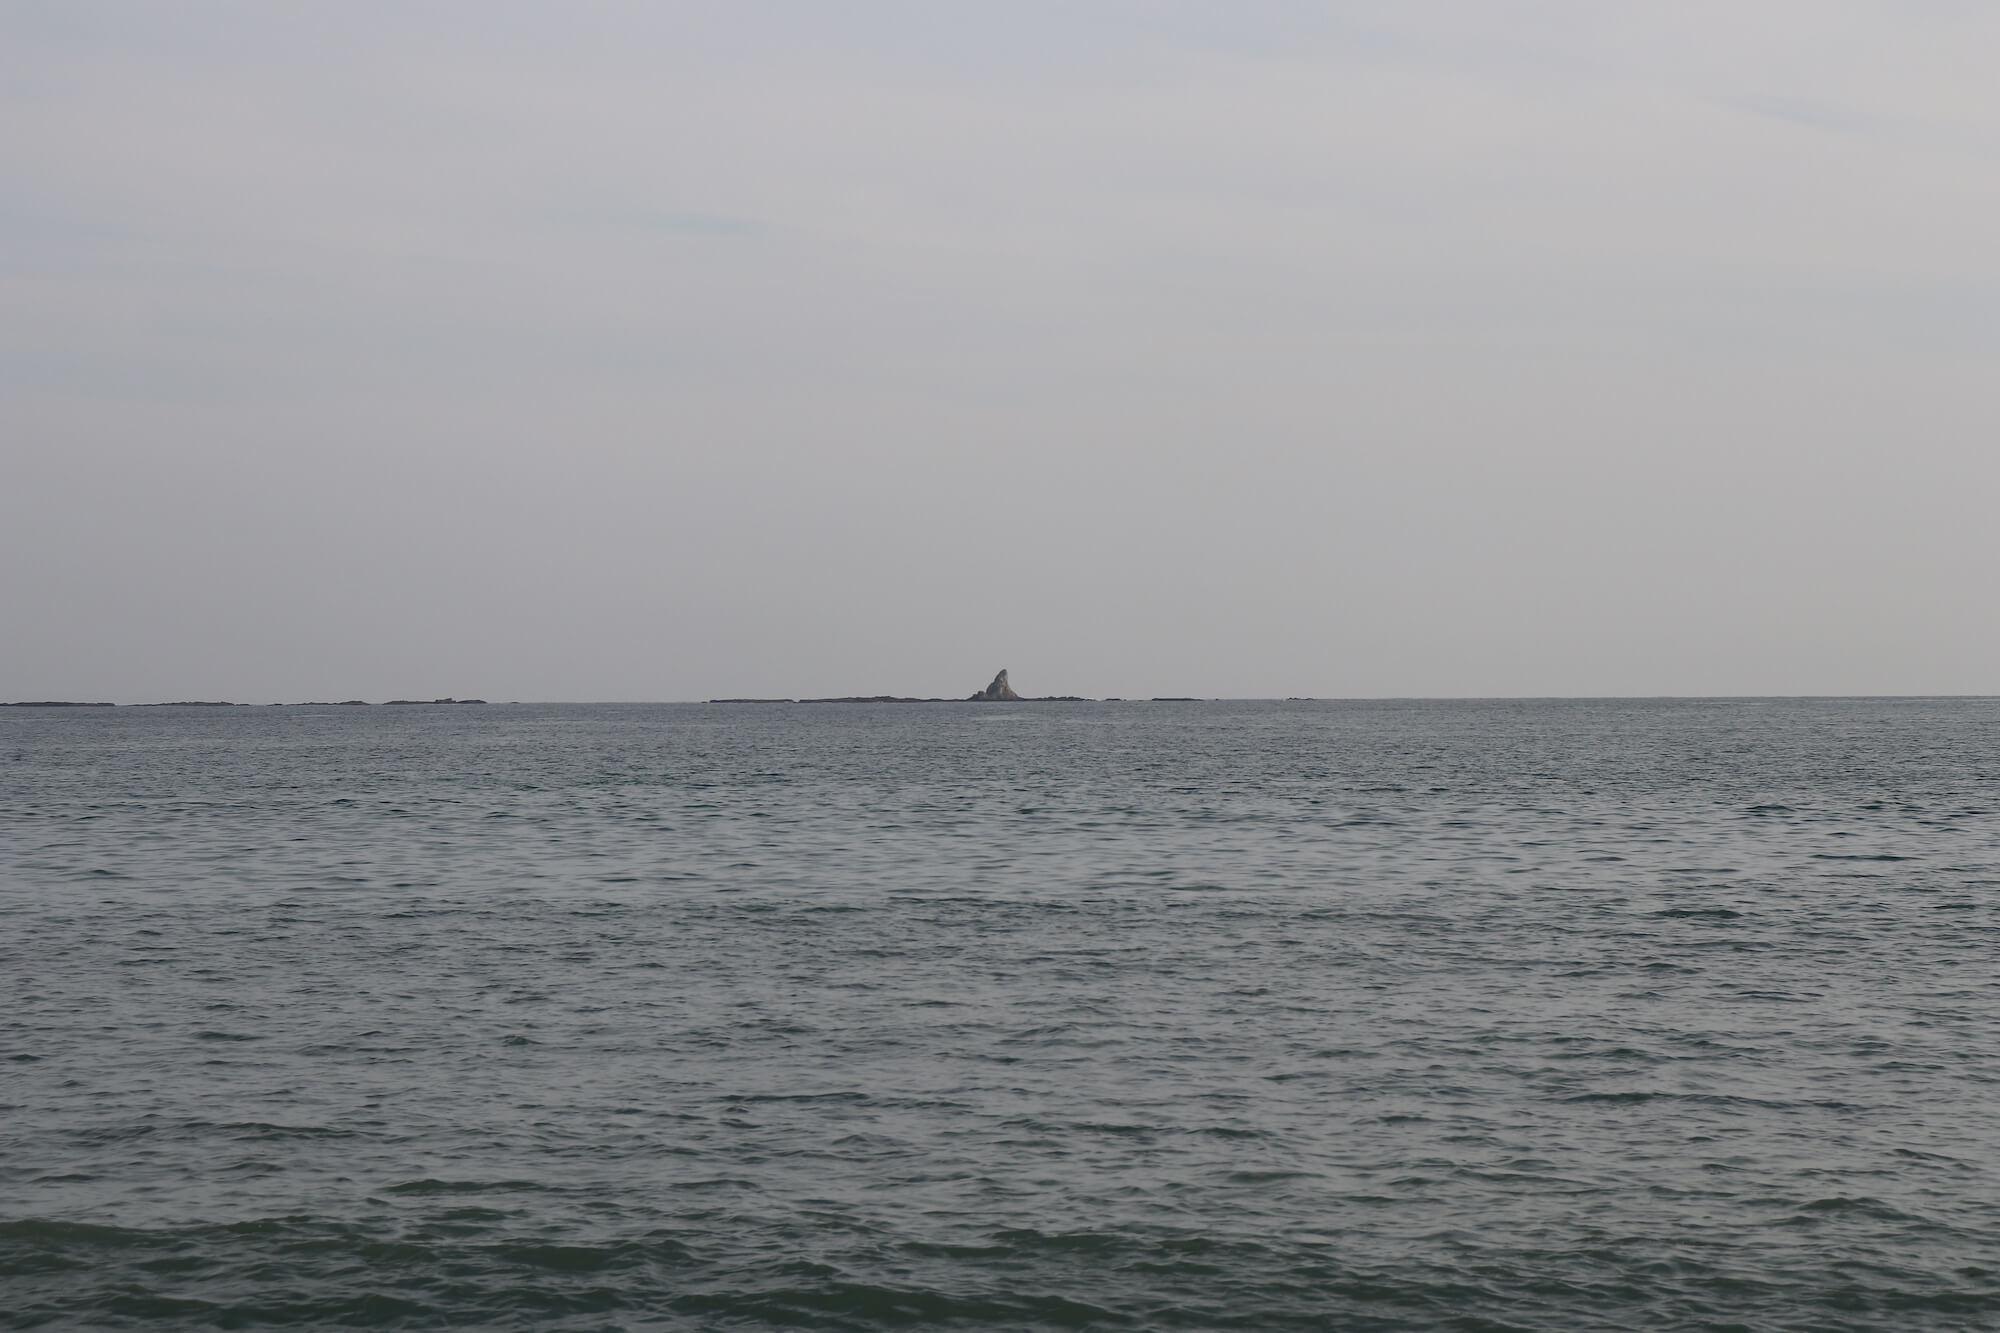 サザンビーチ茅ヶ崎から見える烏帽子岩